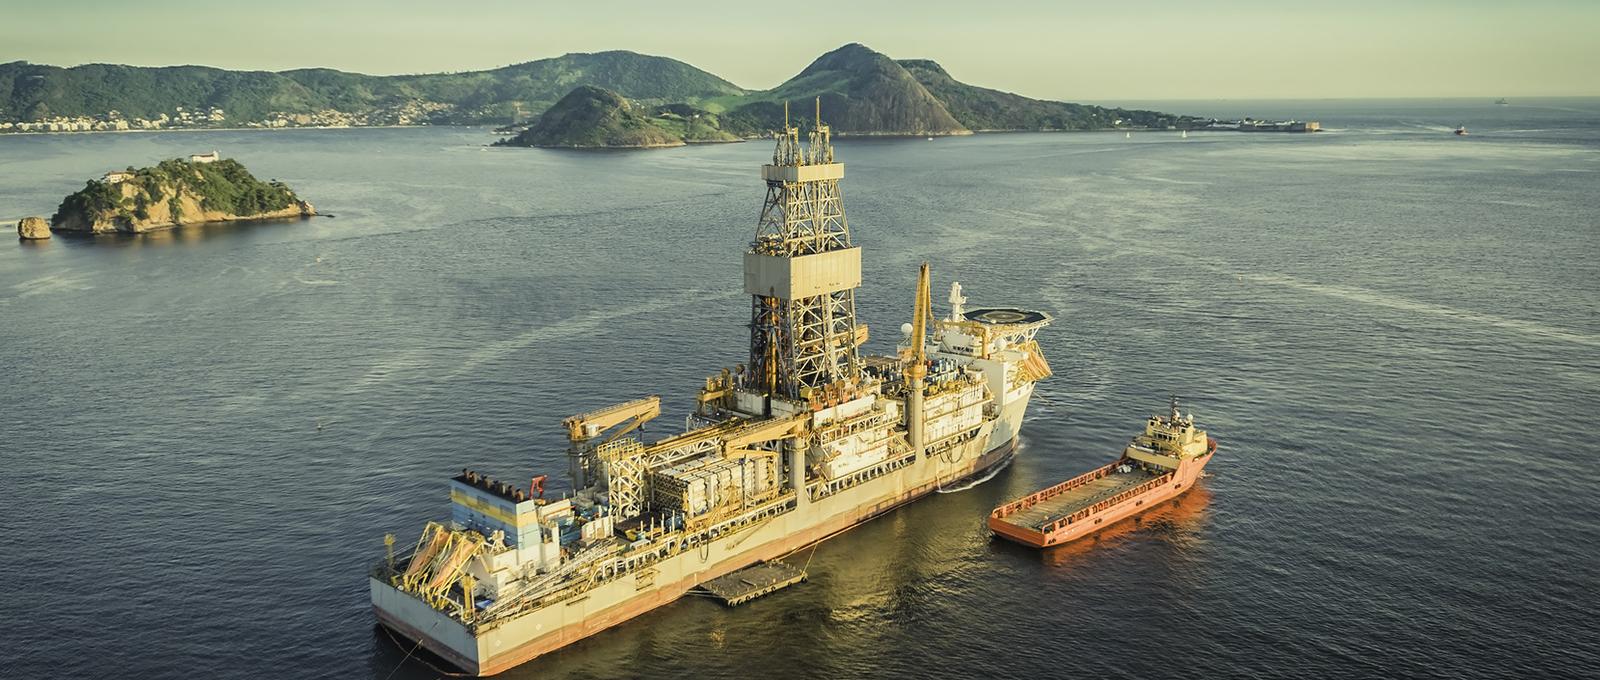 Prysmian fornisce Steel Tube Umbilical per il progetto Libra Mero, il primo in Brasile ad utilizzare la tecnologia Steel Tube